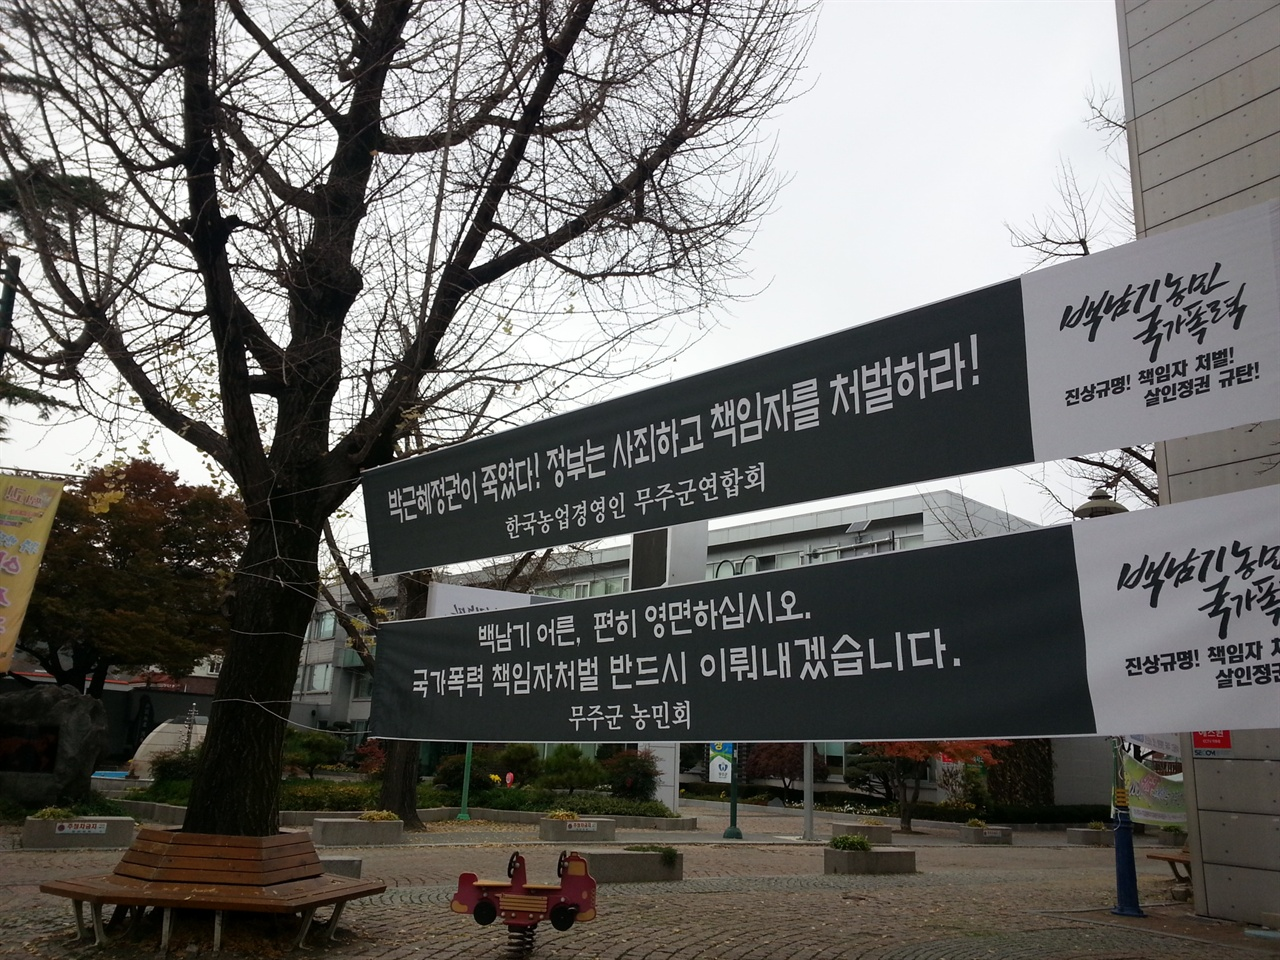 한국의 농부 한국의 청소년, 청년들도 백남기농부처럼 '자랑스러운 농부'가 되어야